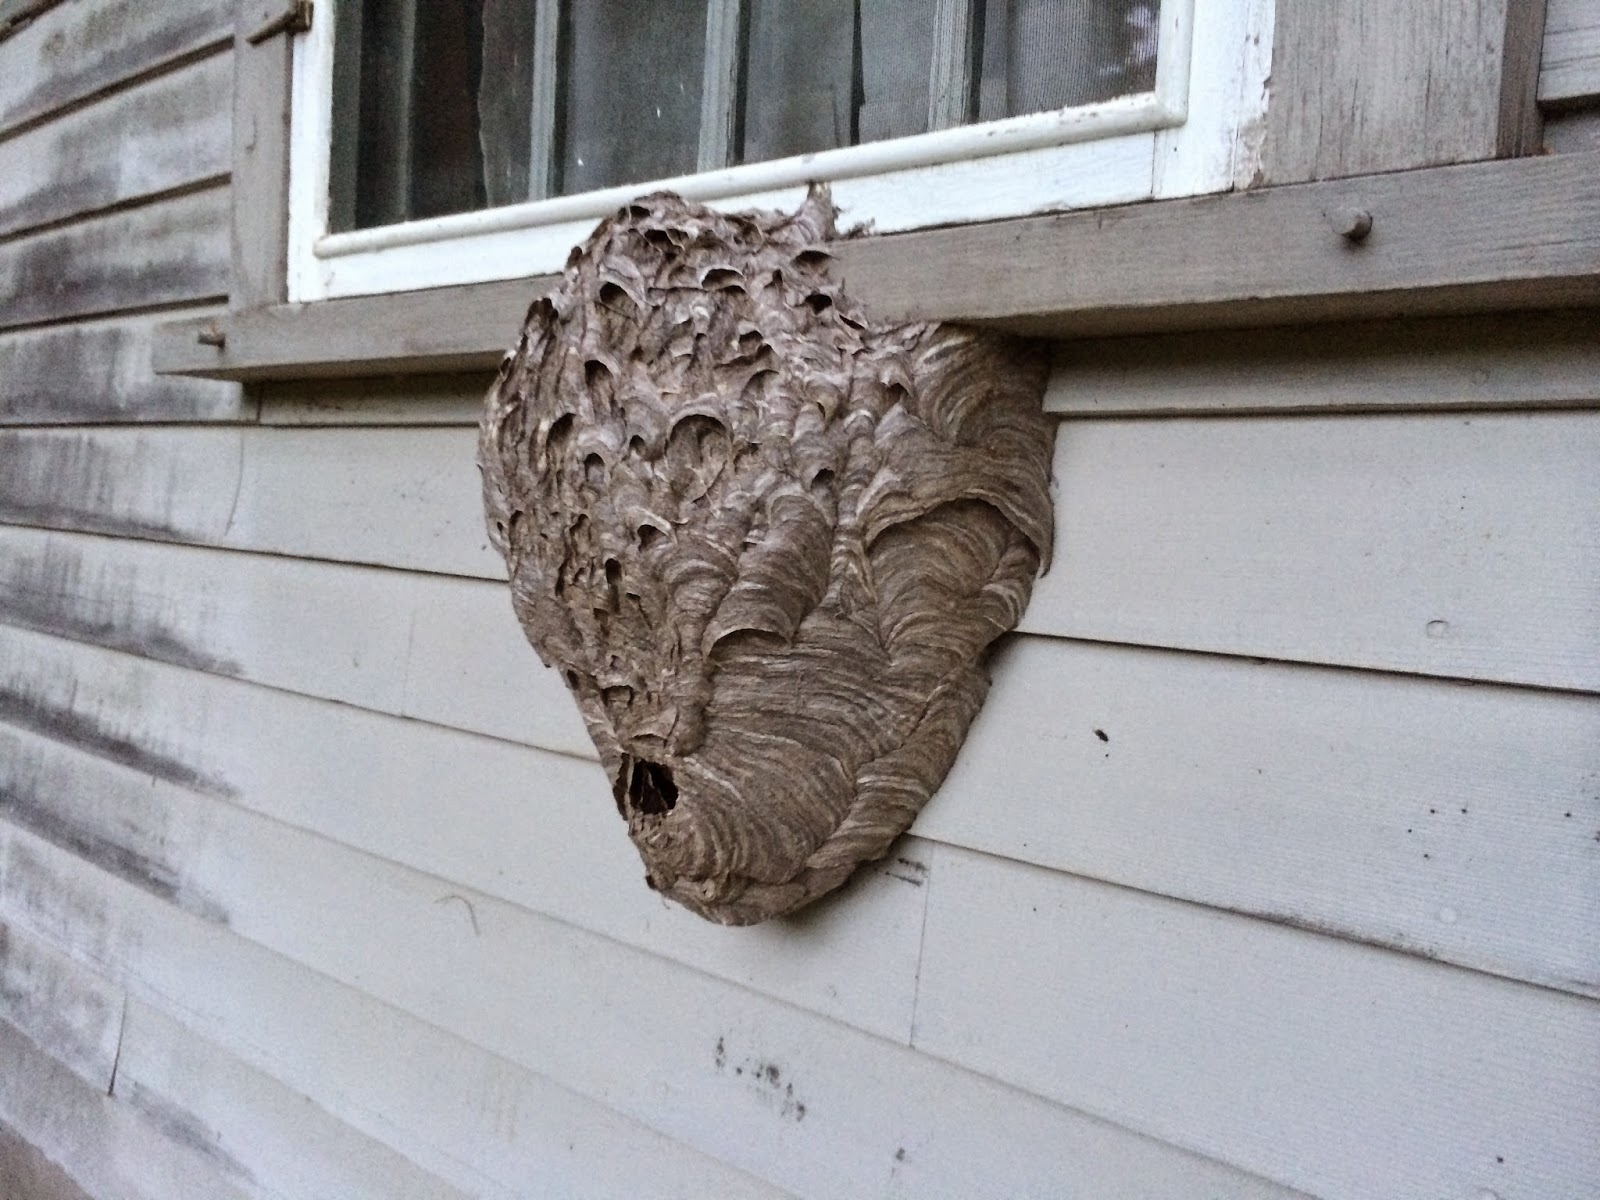 Spicebush Log  A Hornet U0026 39 S Nest